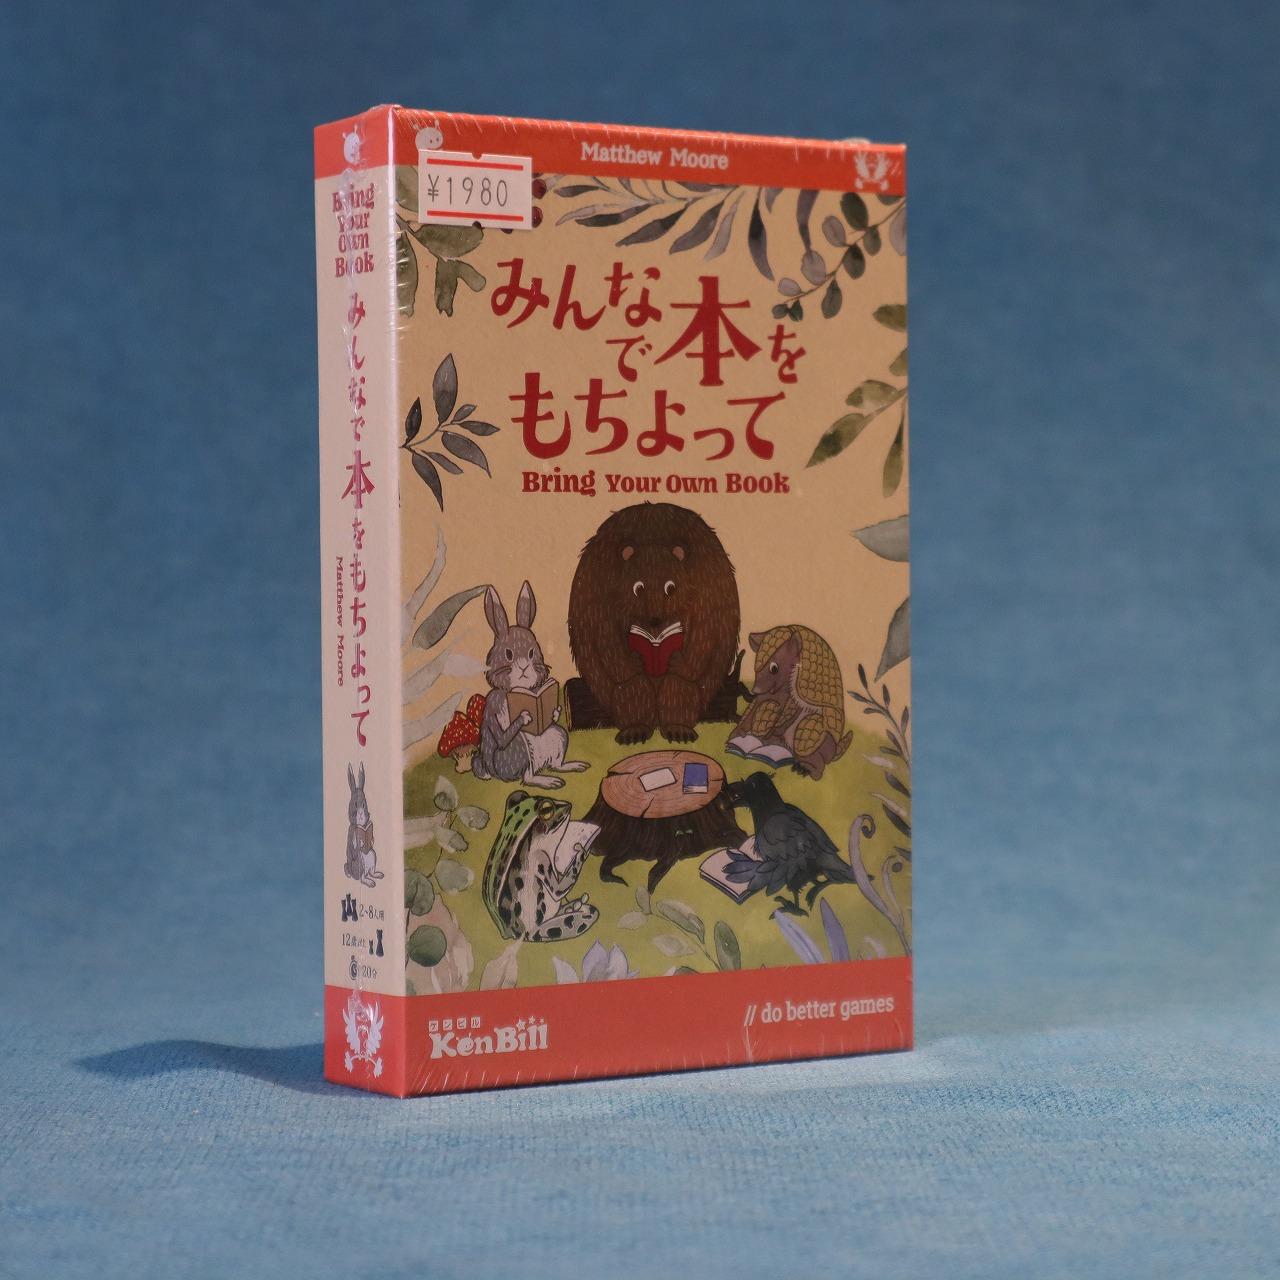 みんなで本をもちよって 〜Bring Your Own Book〜 日本語版